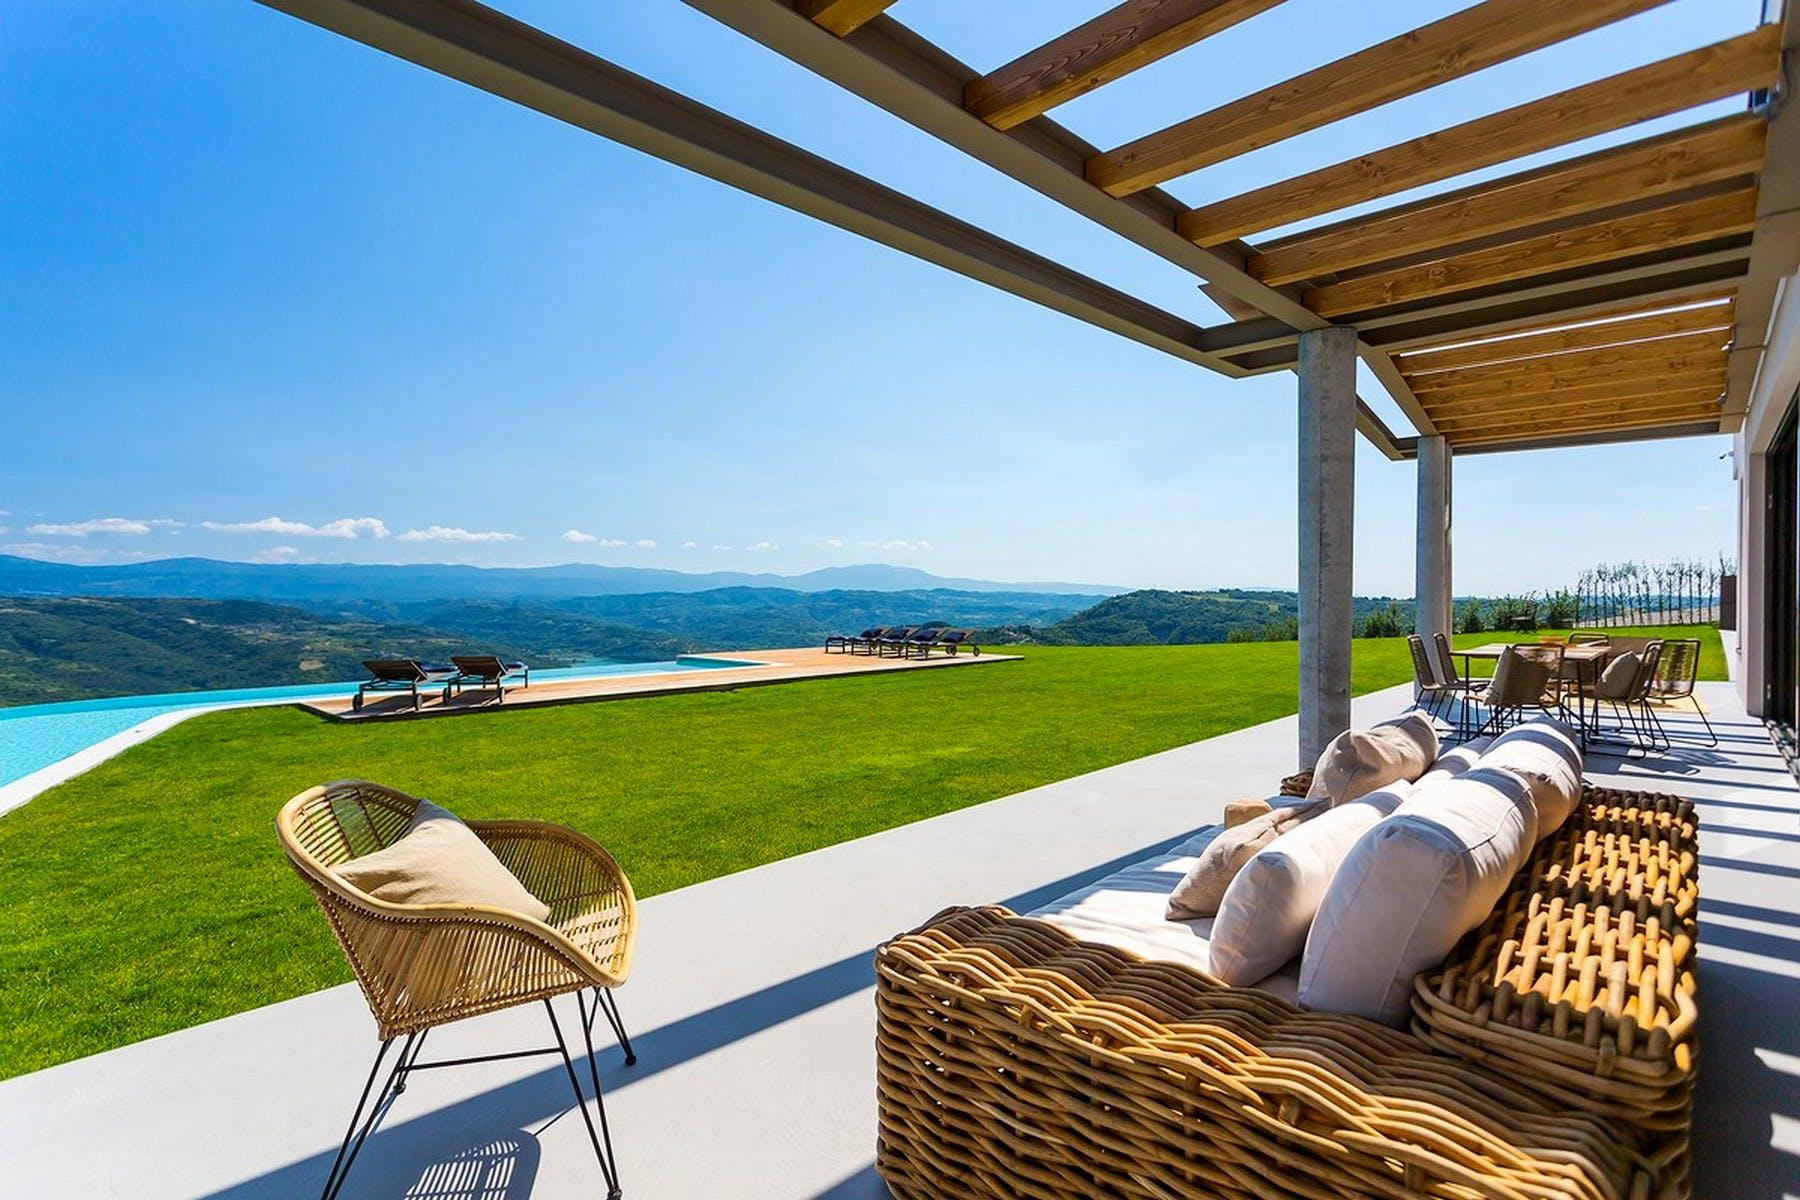 Prekrasan pogled s terase